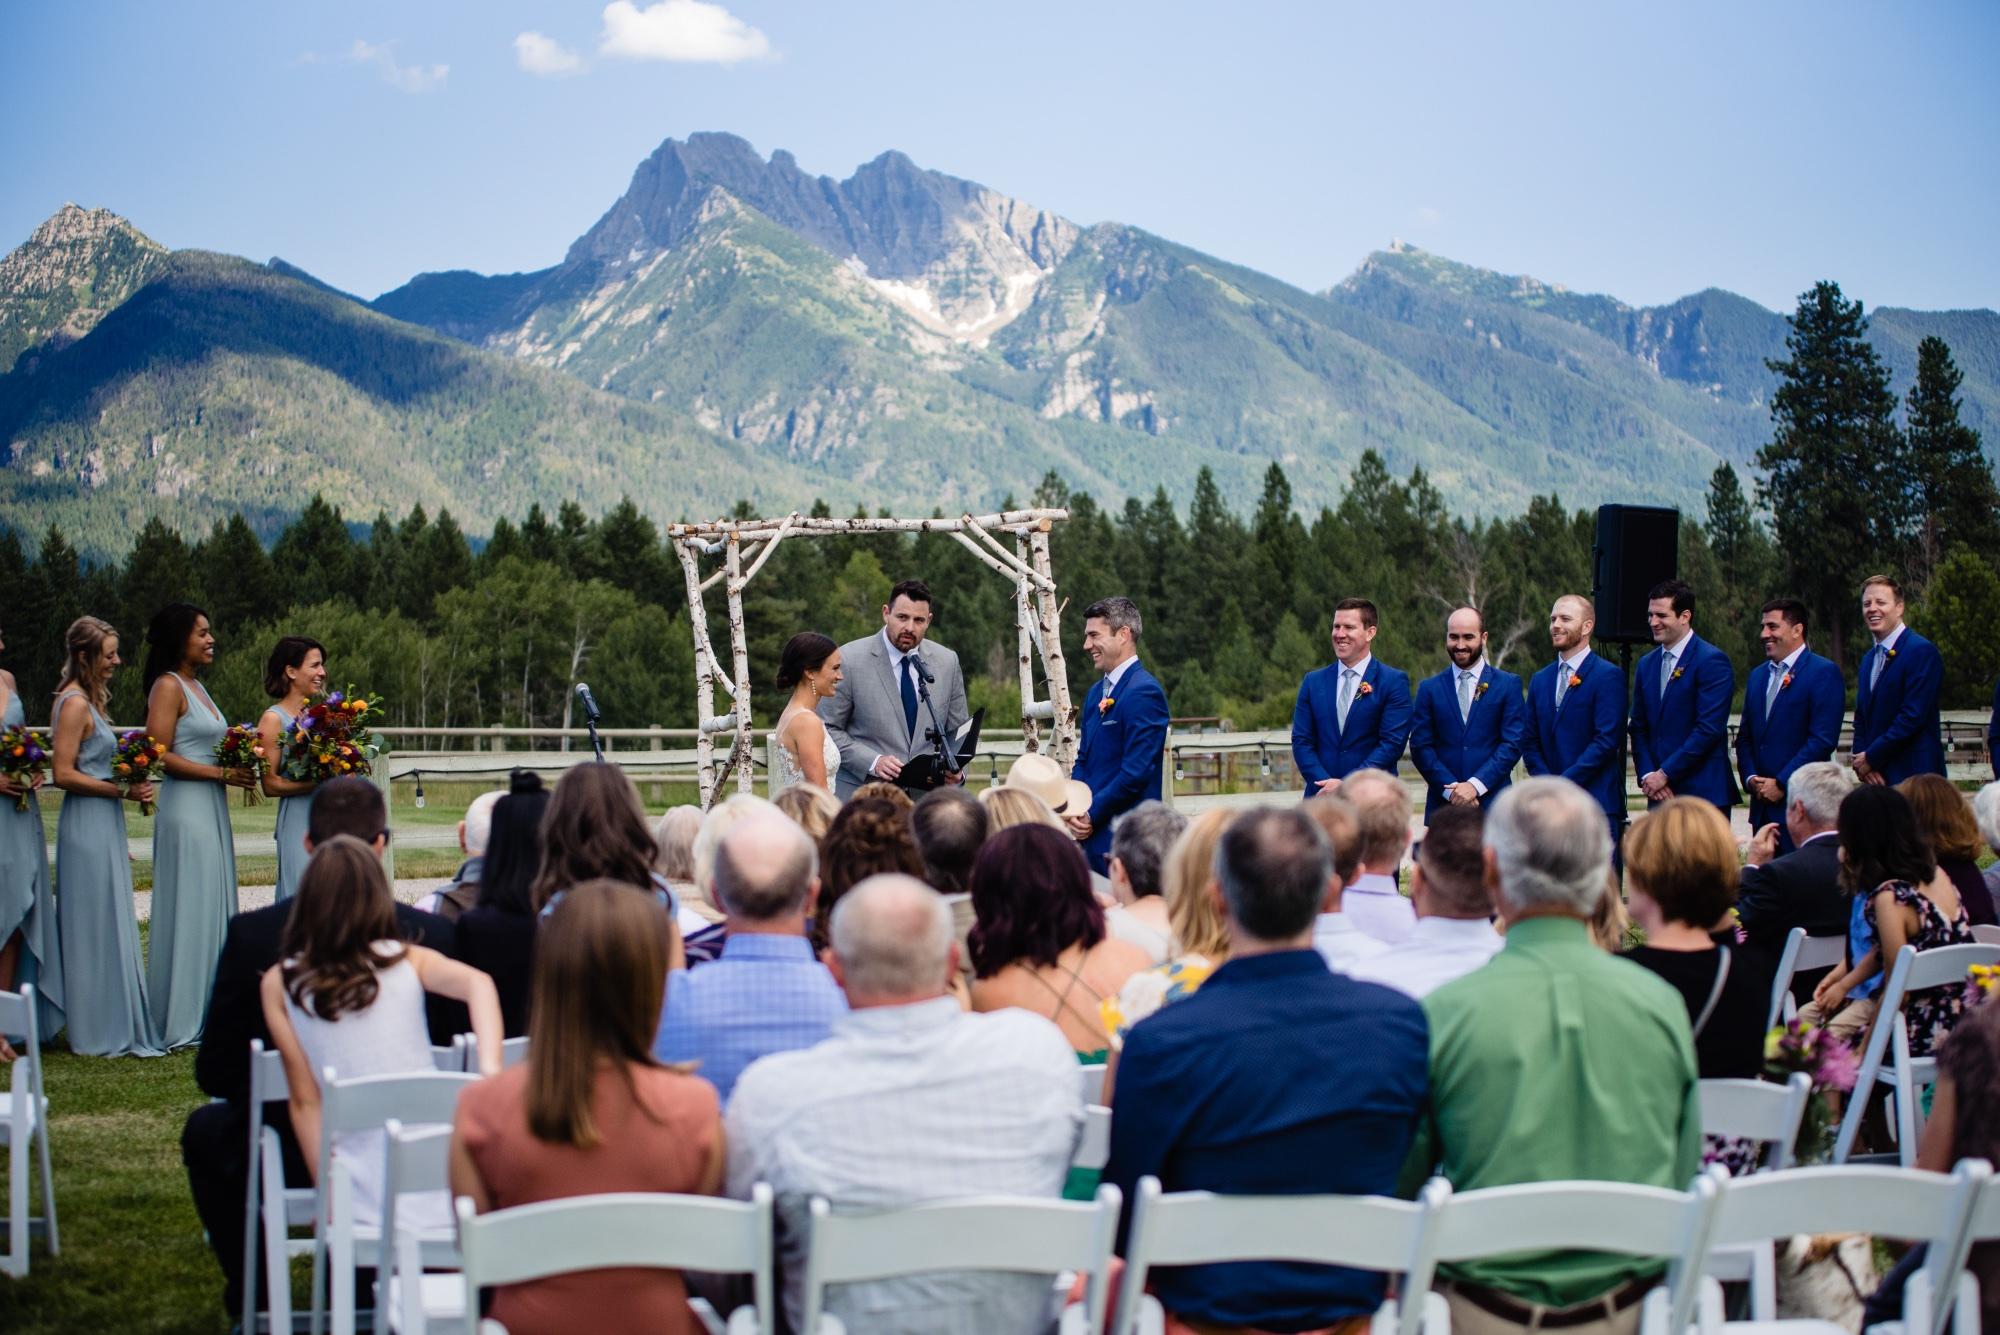 lindseyjane_weddings0080.jpg